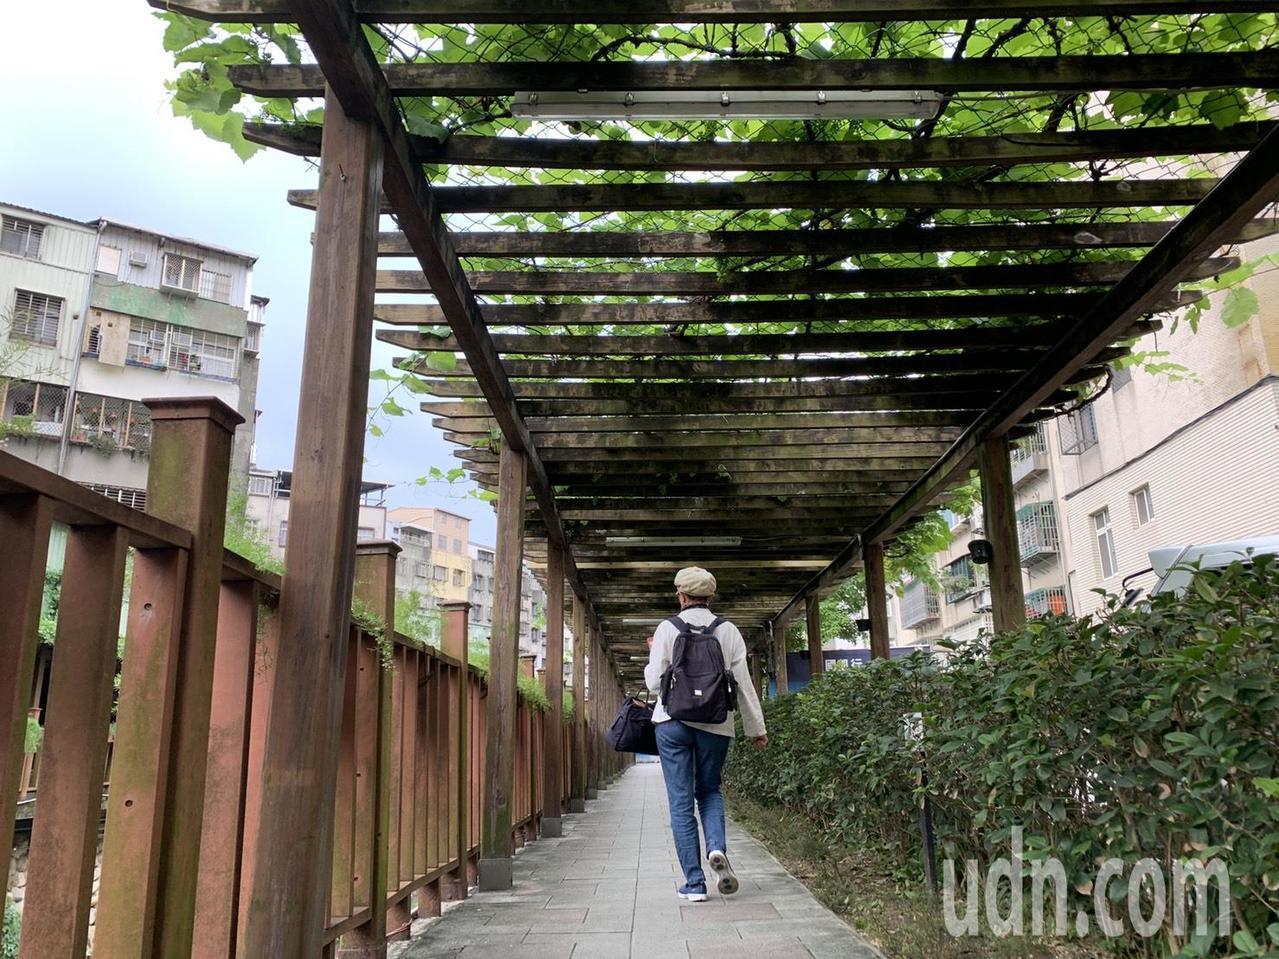 新北市土城希望之河畔種30公尺長的葡萄走廊。記者魏翊庭/攝影